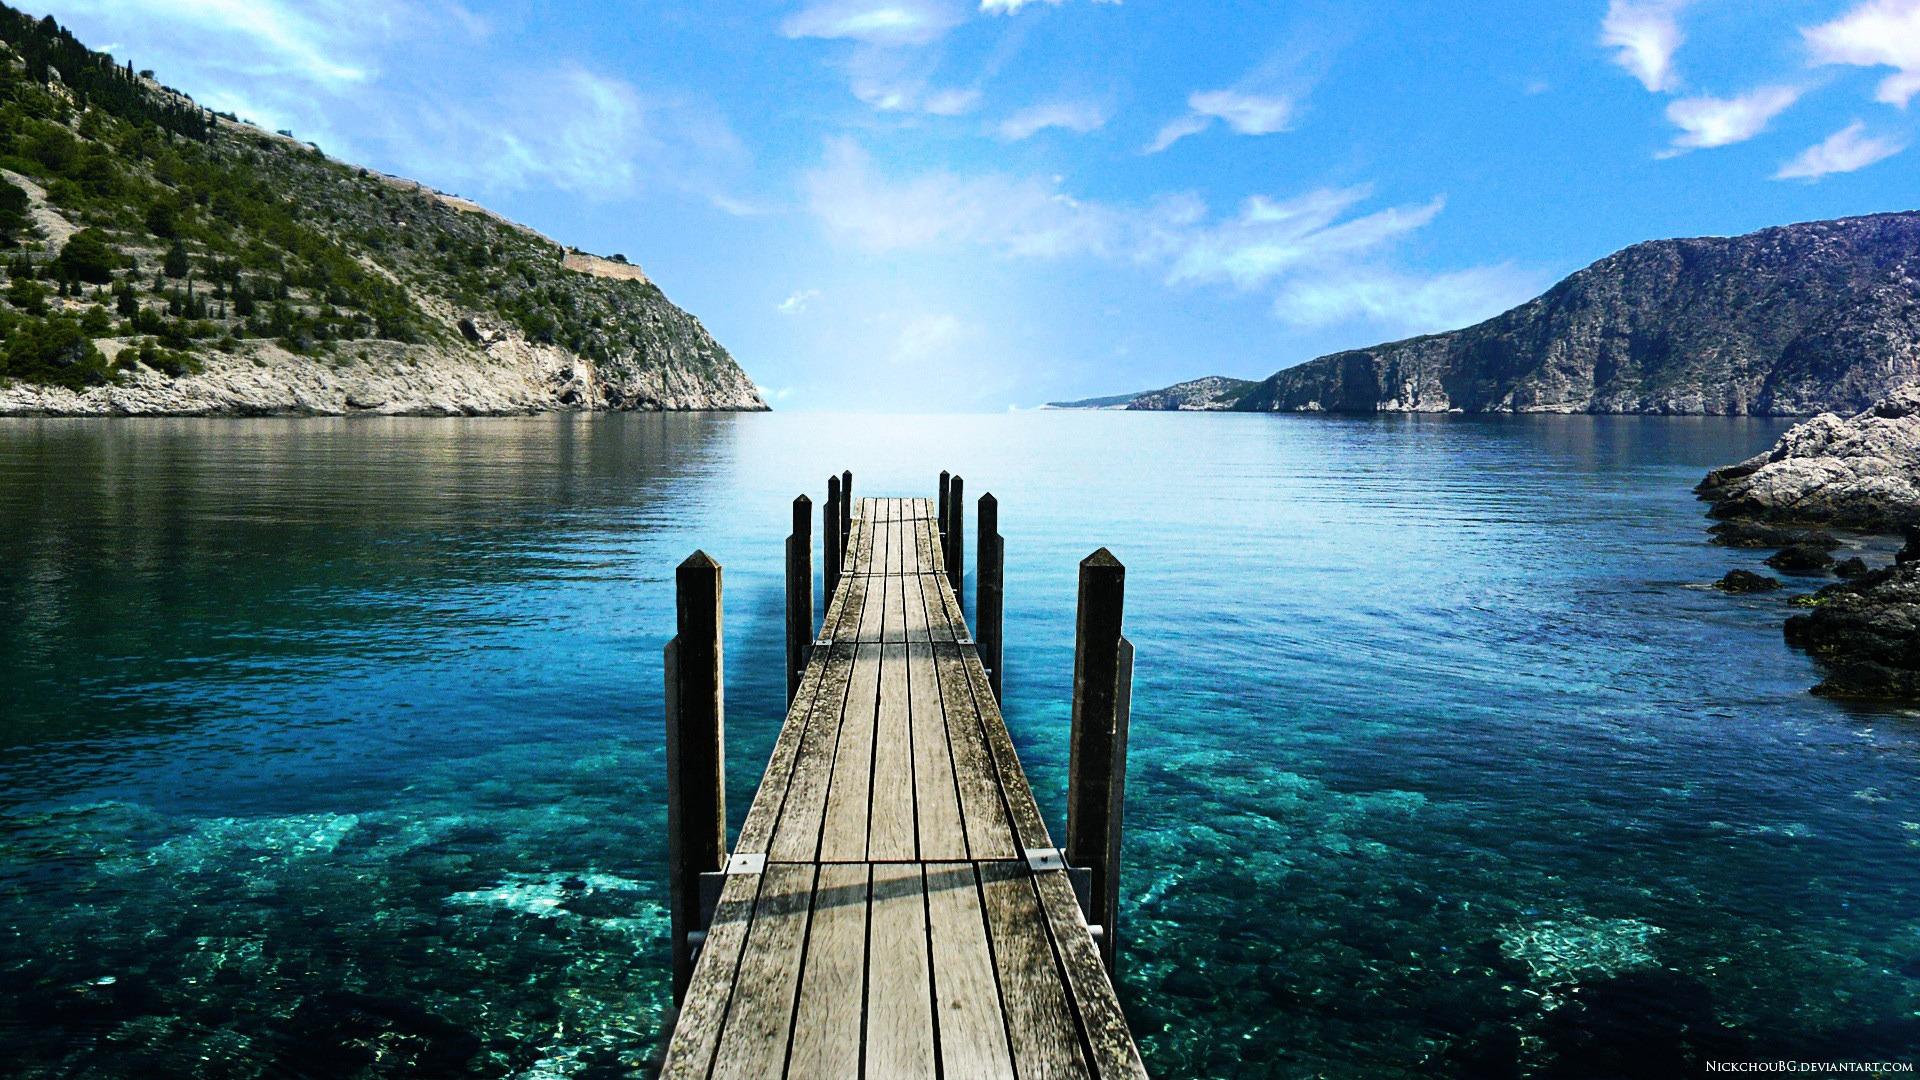 Sfondi Paesaggi Estivi Hd Lago Di Montagna Sfondi Hd Gratis